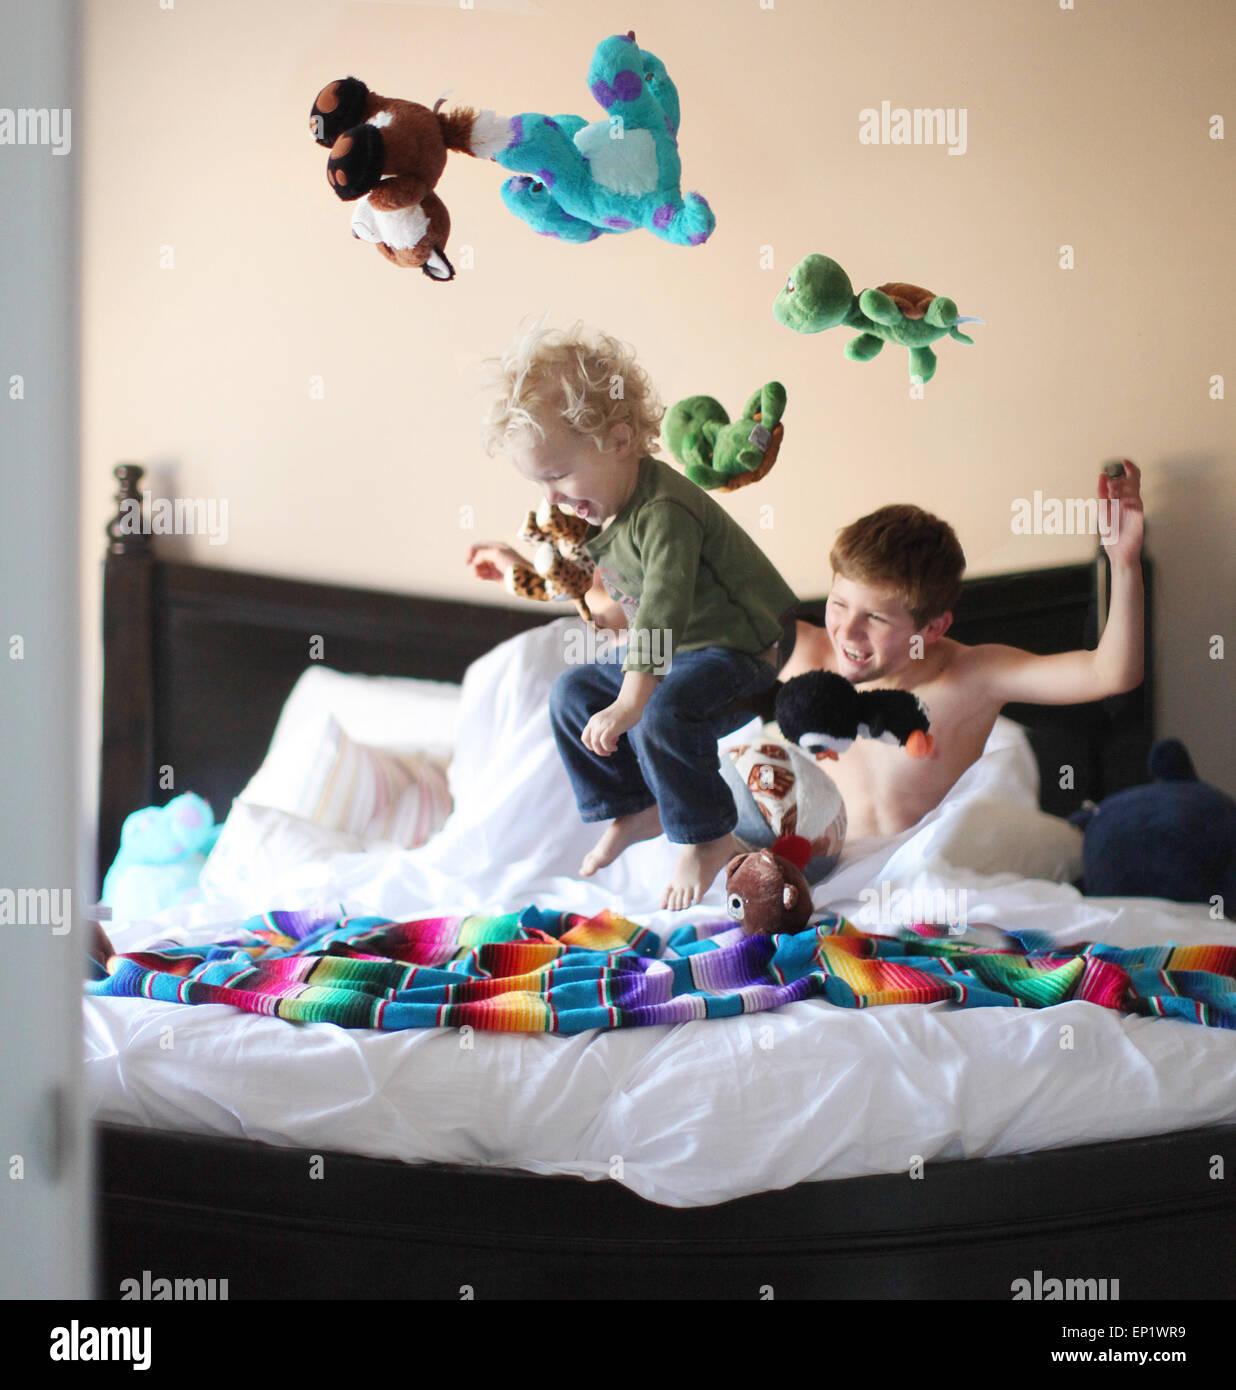 Ragazzo di saltare sul letto di fratelli e gettando i peluche in aria Immagini Stock